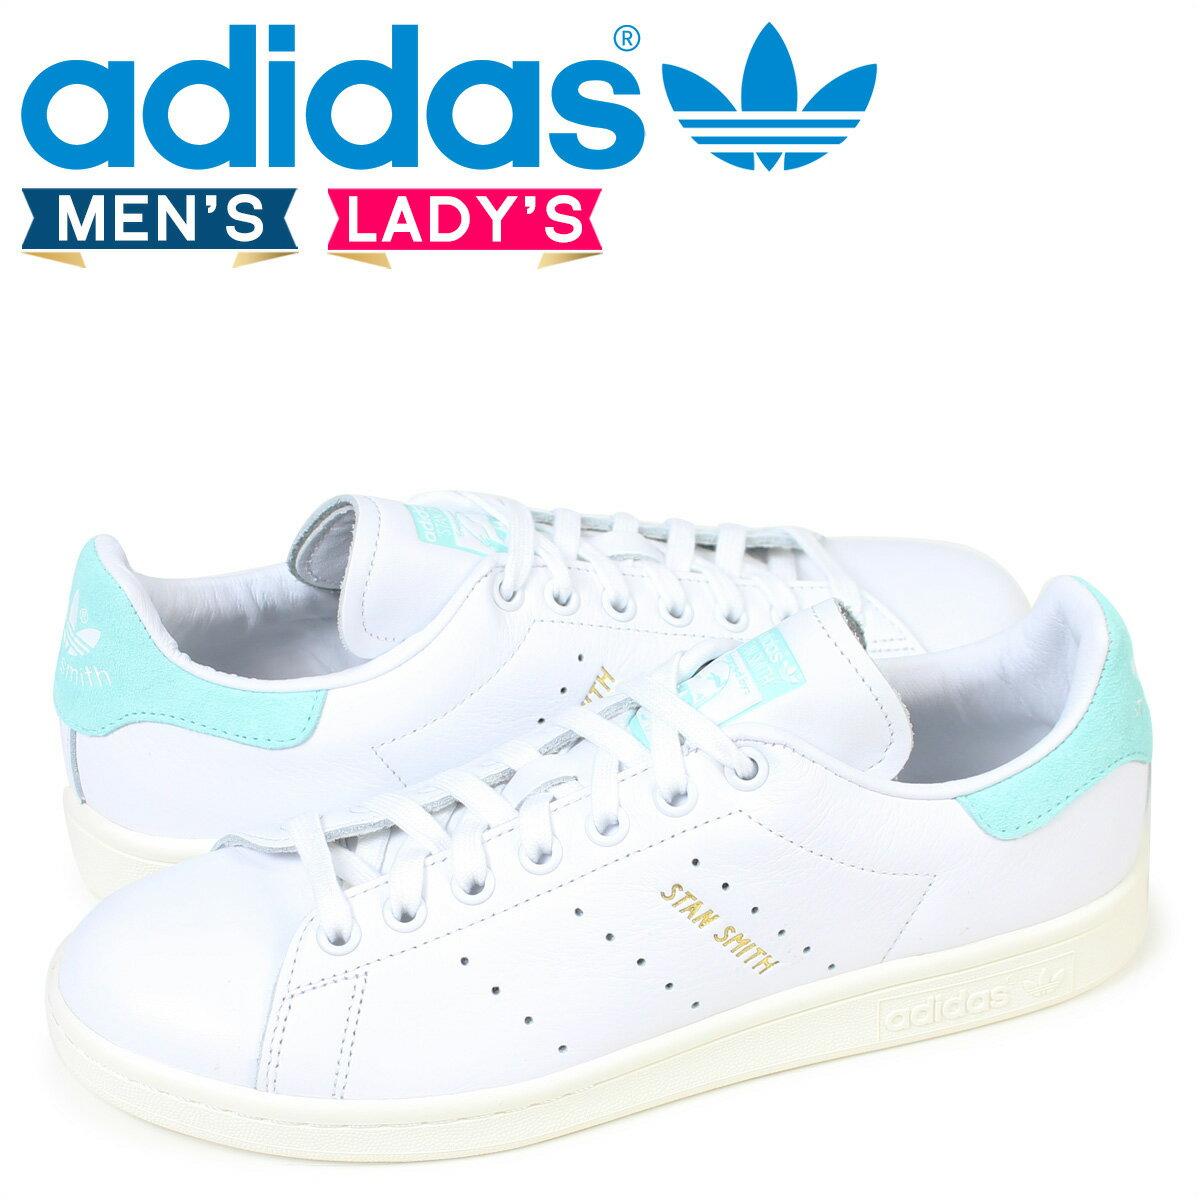 adidas スタンスミス アディダス Originals スニーカー STAN SMITH メンズ レディース BZ0461 靴 ホワイト